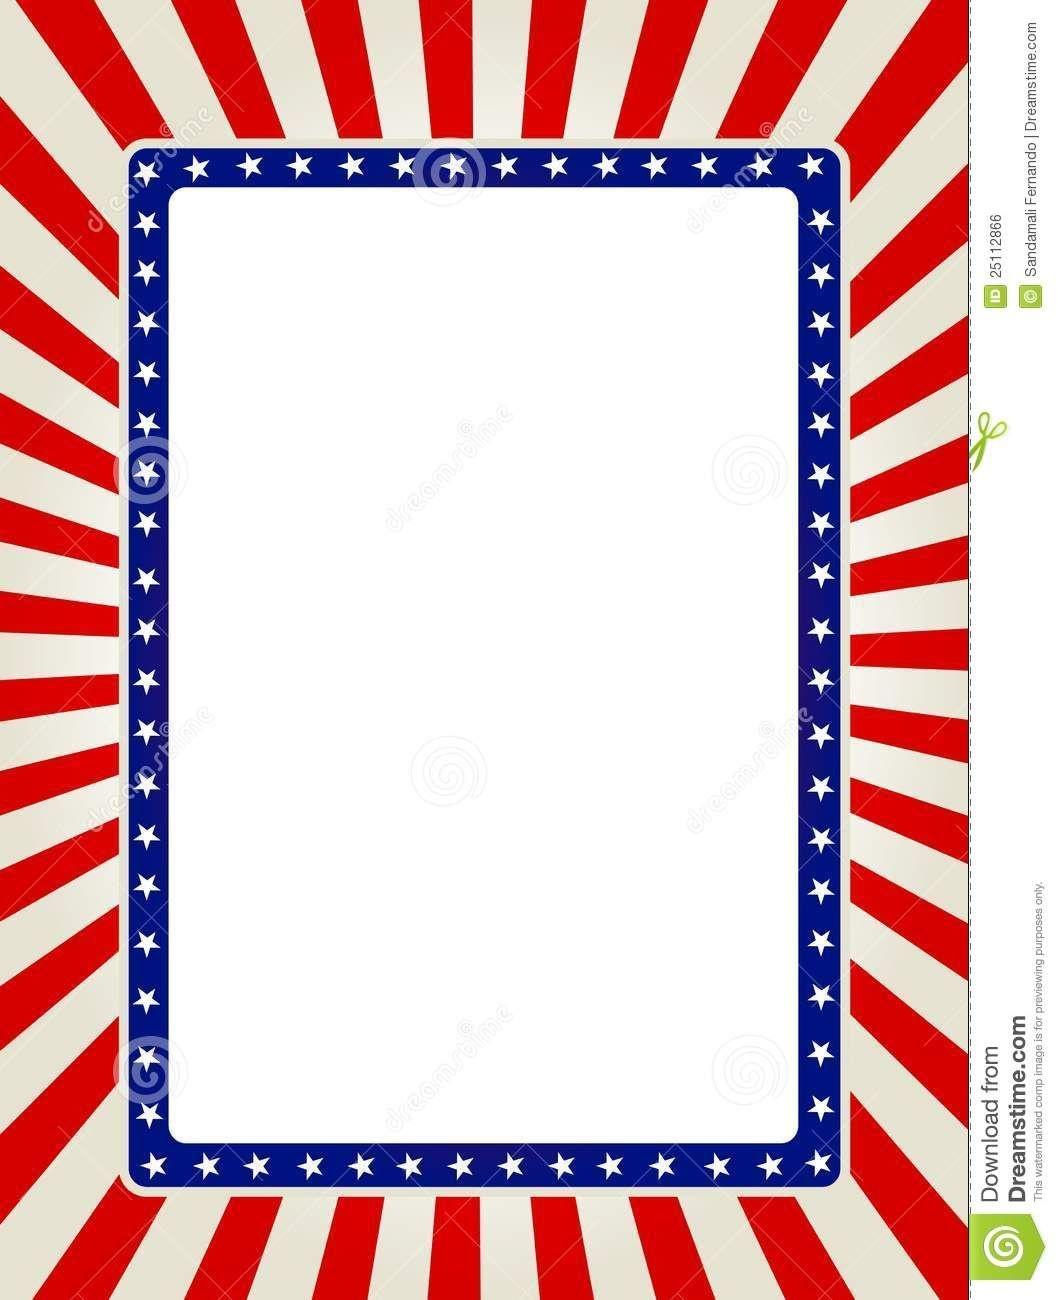 Free Patriotic Page Borders   Patriotic Border   Images   Printable - Free Printable Patriotic Writing Paper